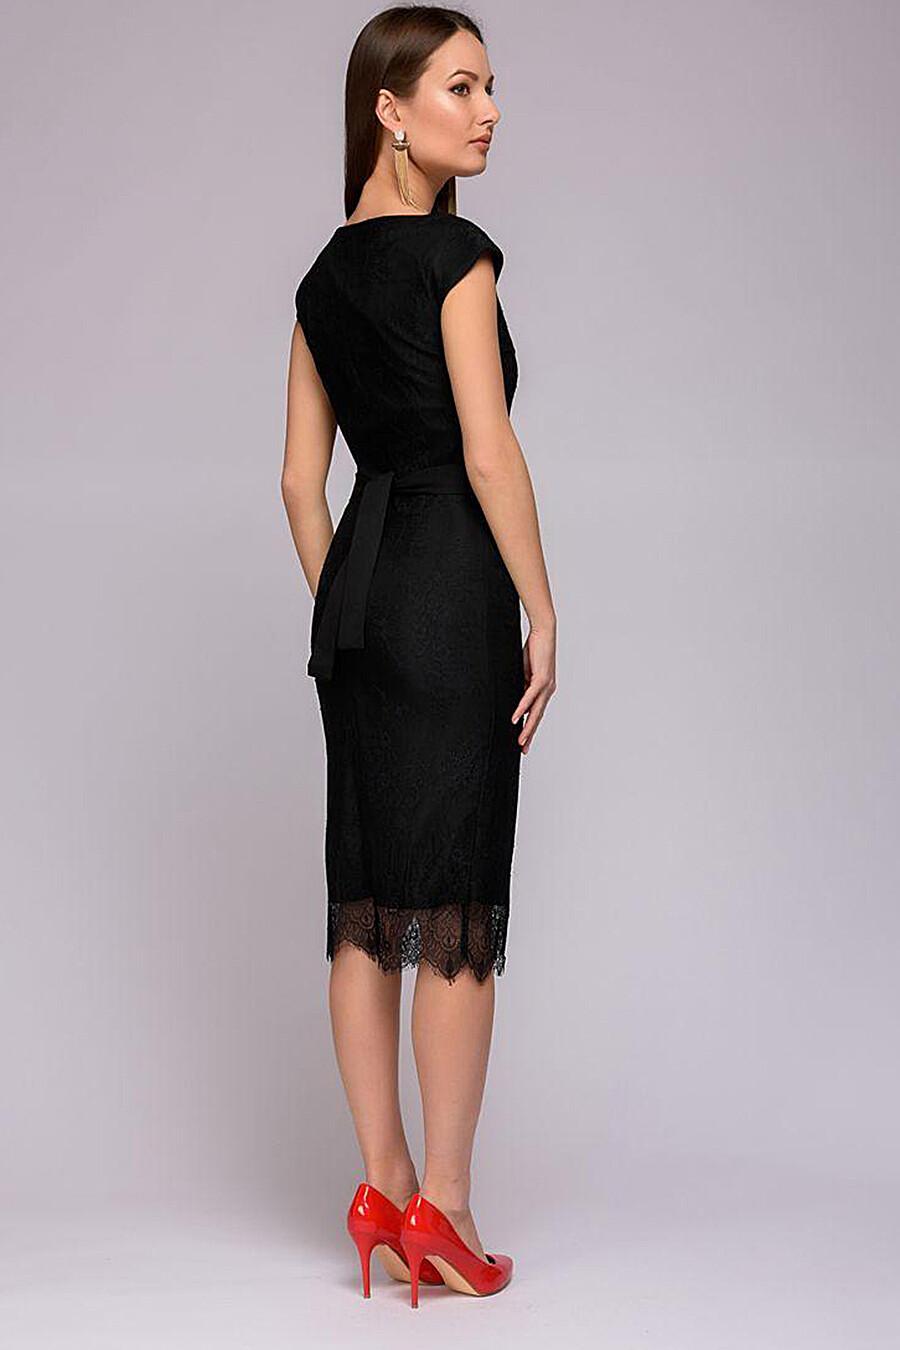 Платье для женщин 1001 DRESS 131152 купить оптом от производителя. Совместная покупка женской одежды в OptMoyo